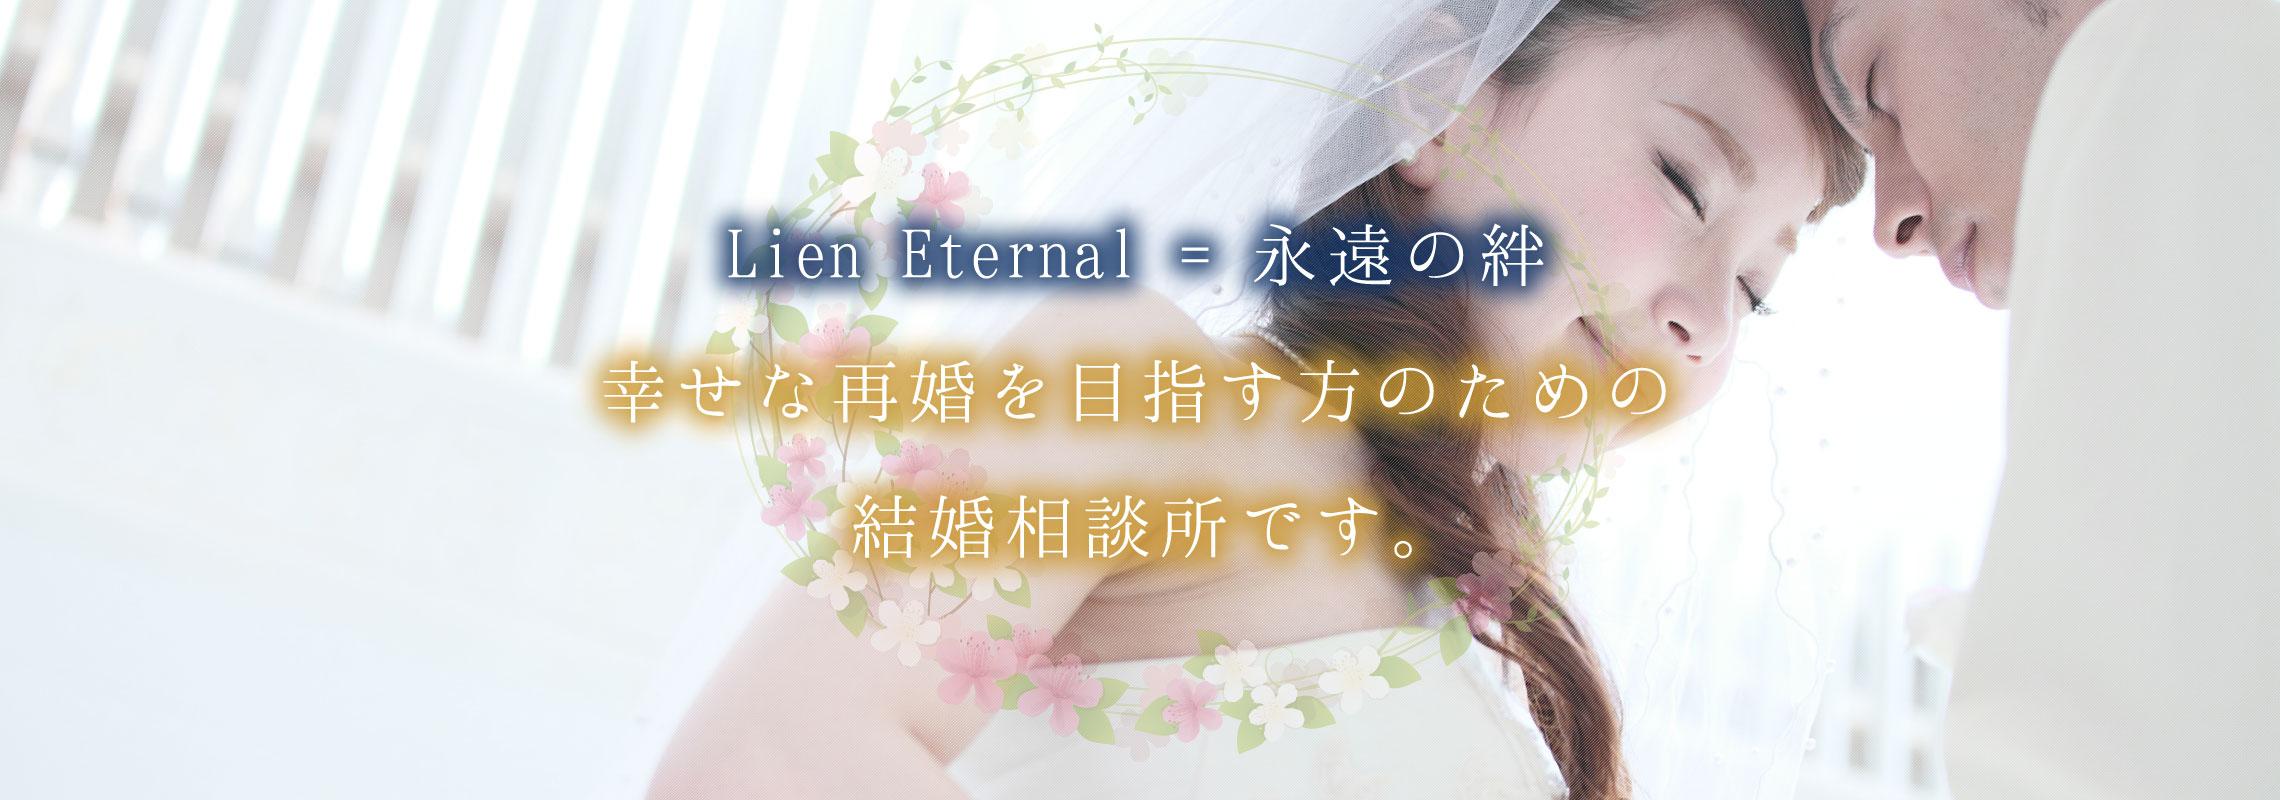 門真のおすすめ結婚相談所ランキング;Lien eternel